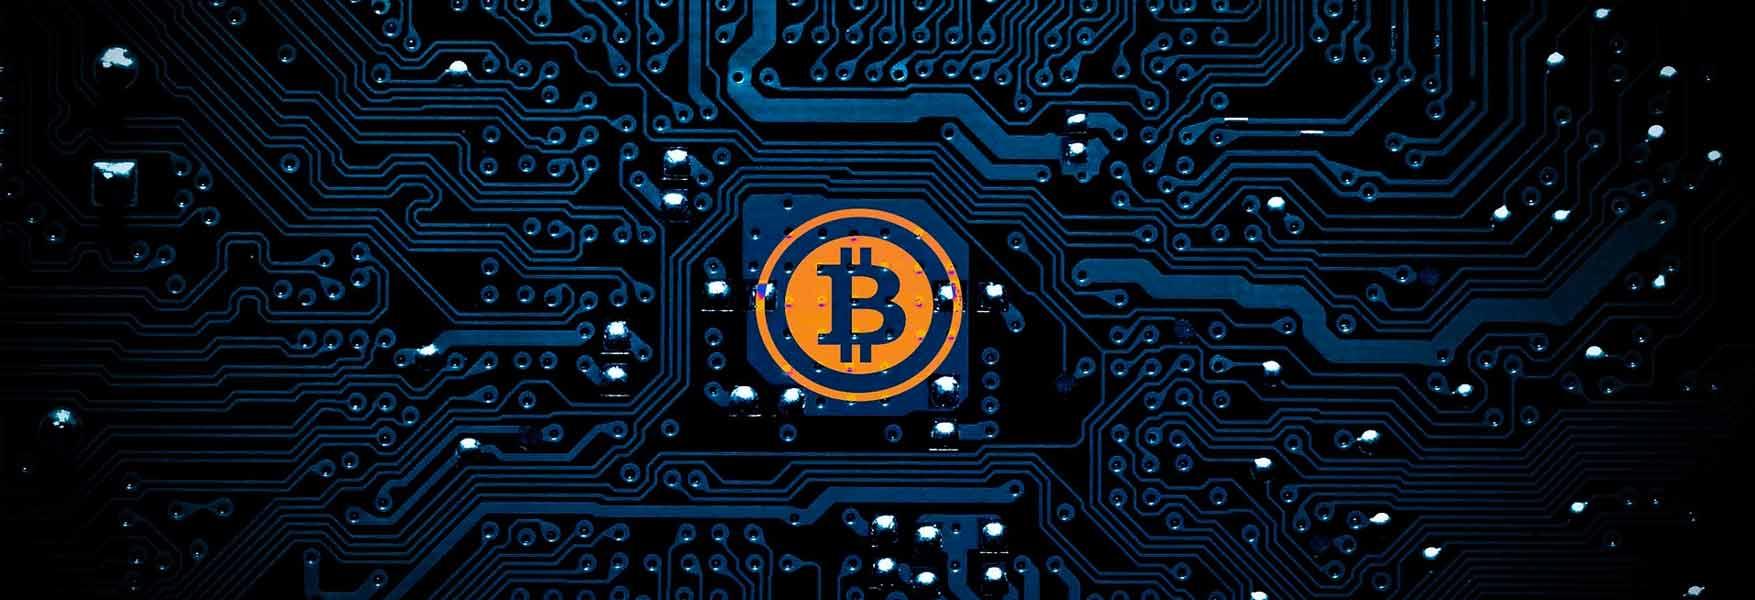 885a7f4821b6a Seis tendencias tecnológicas en la industria financiera en 2018